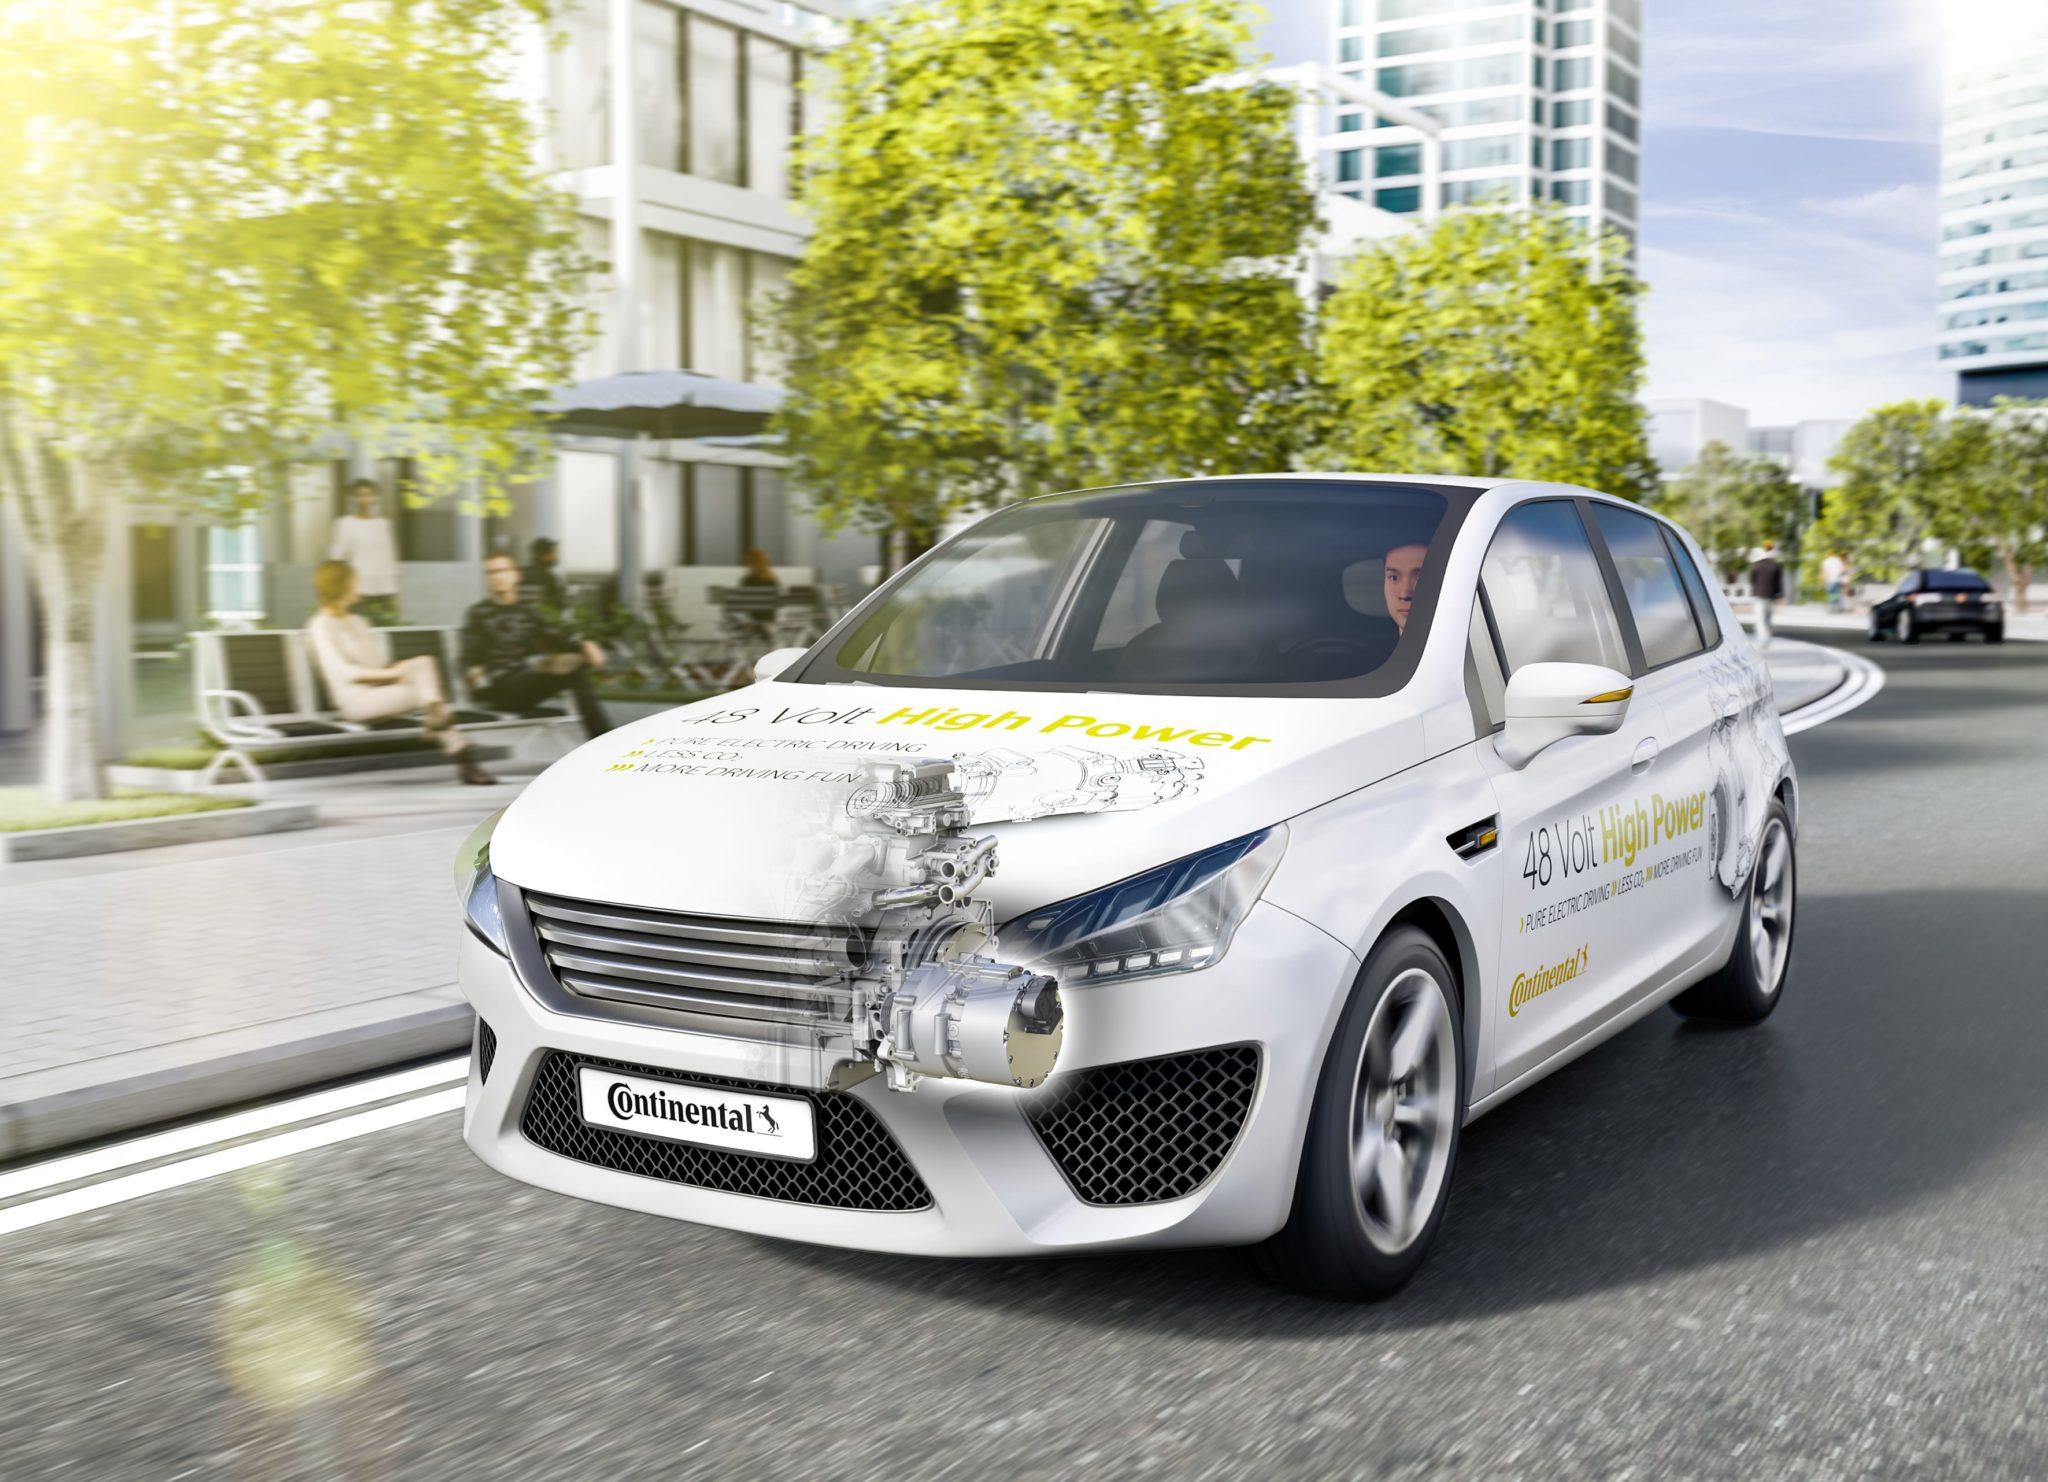 Predstavili budúcnosť pohonu automobilov. Kombinuje vysokú úsporu paliva a efektivity